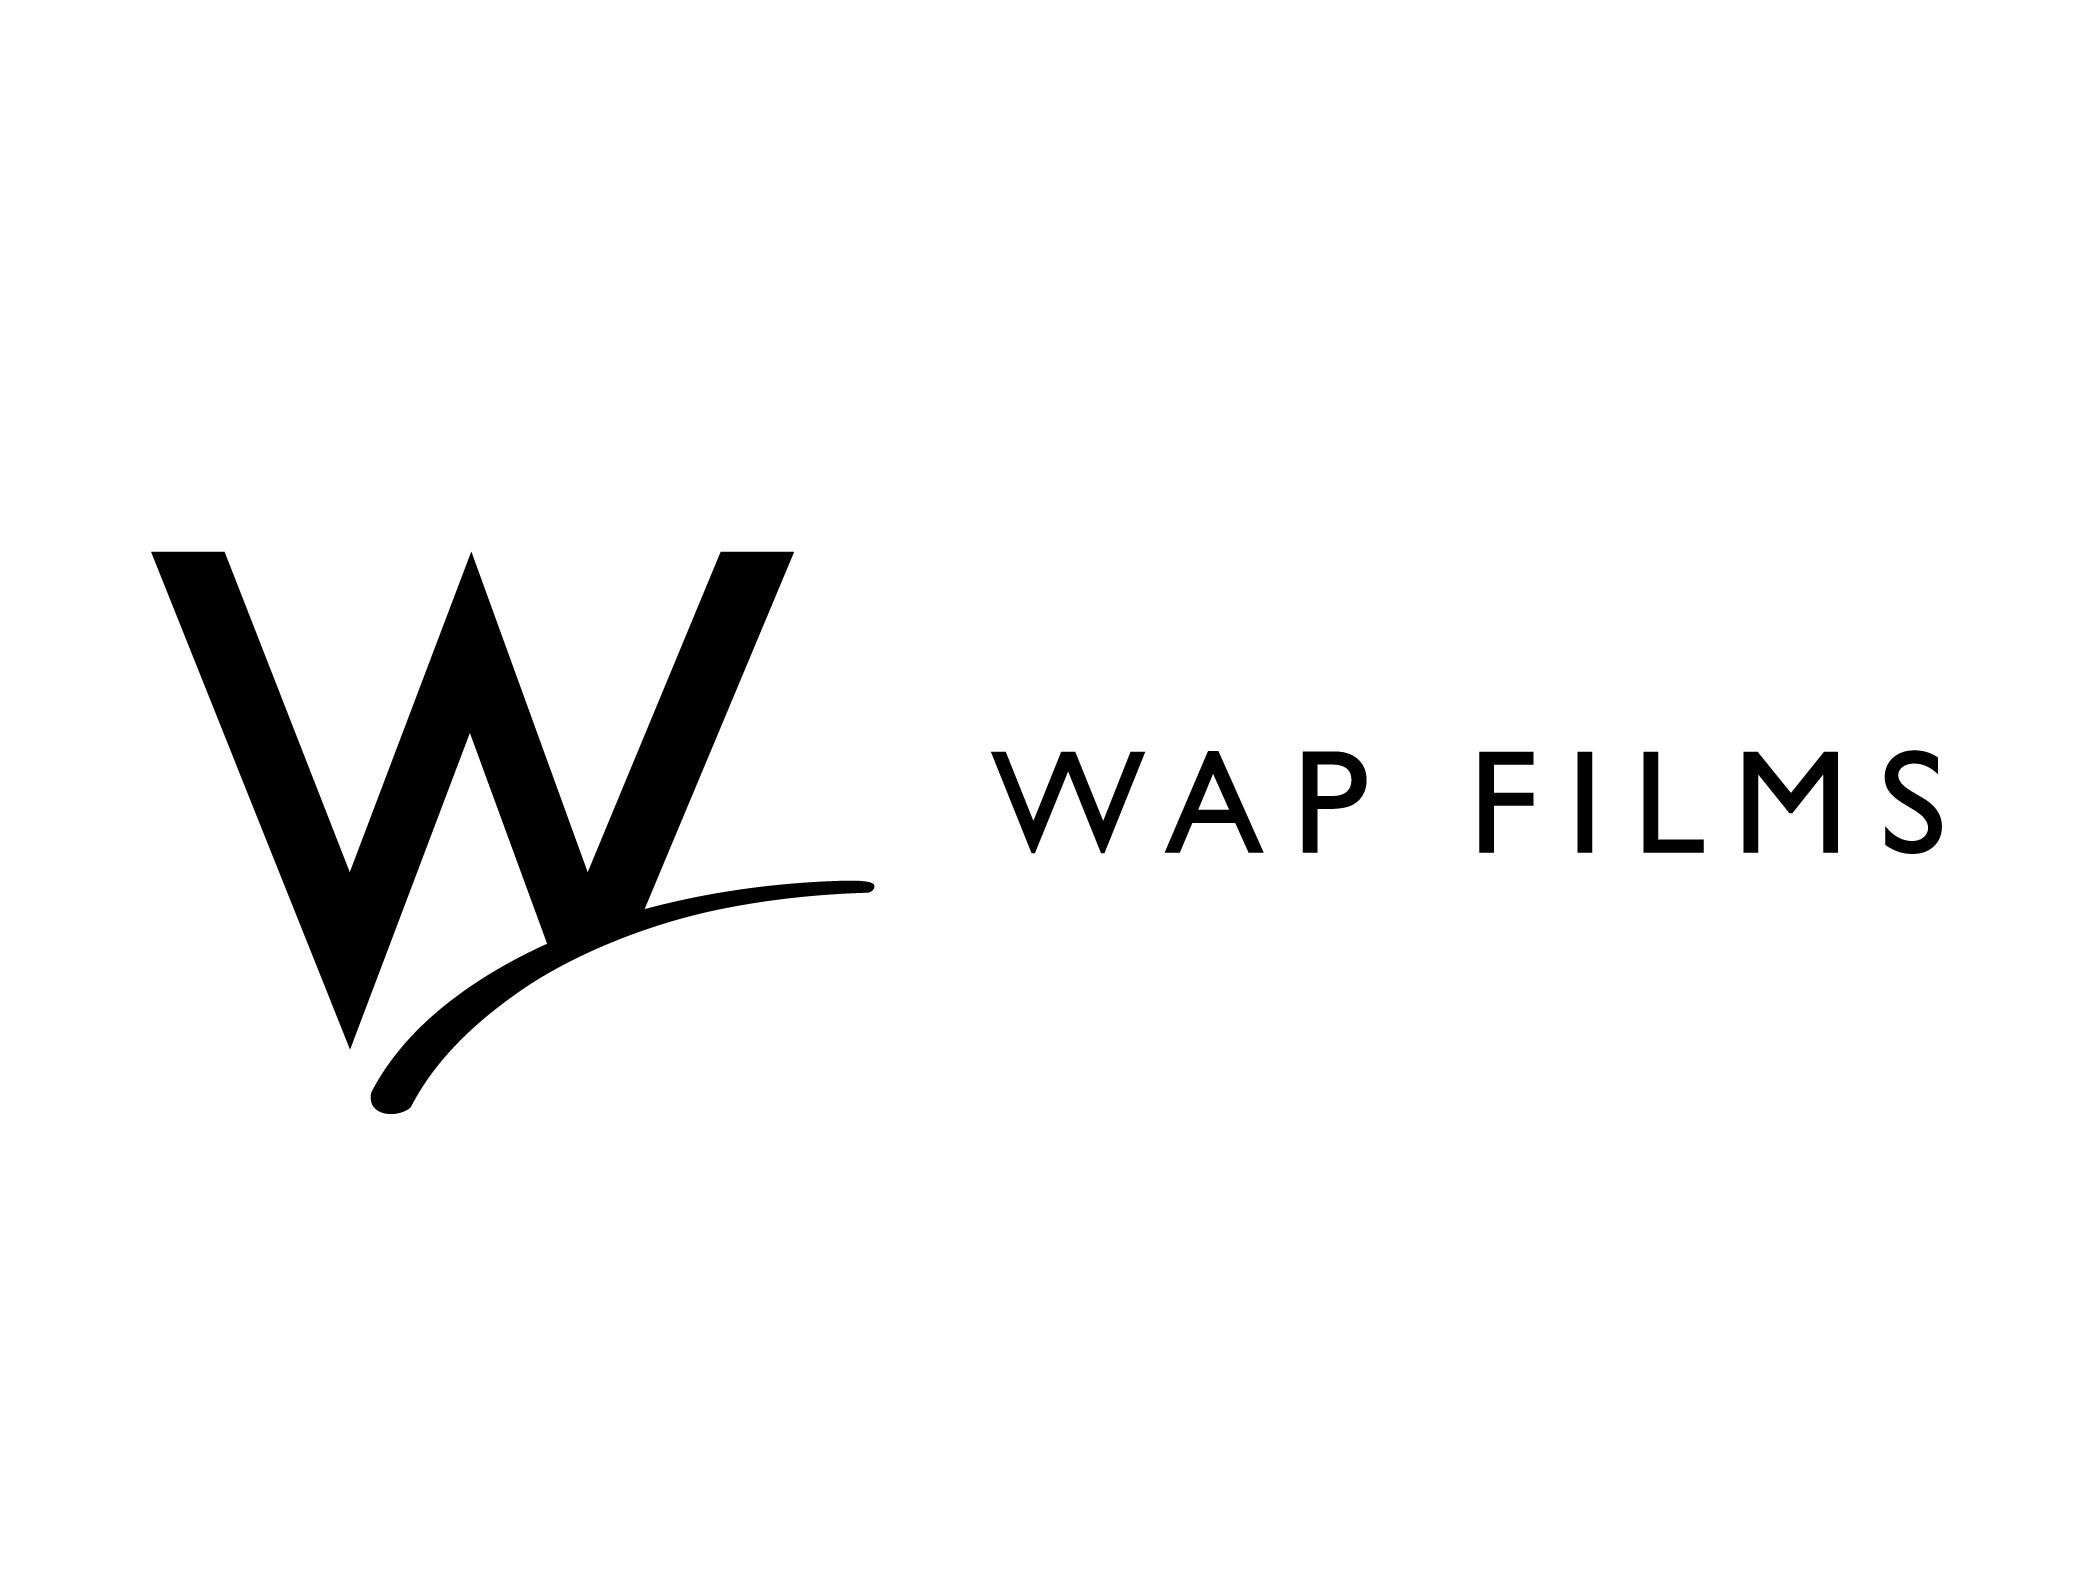 WAP films